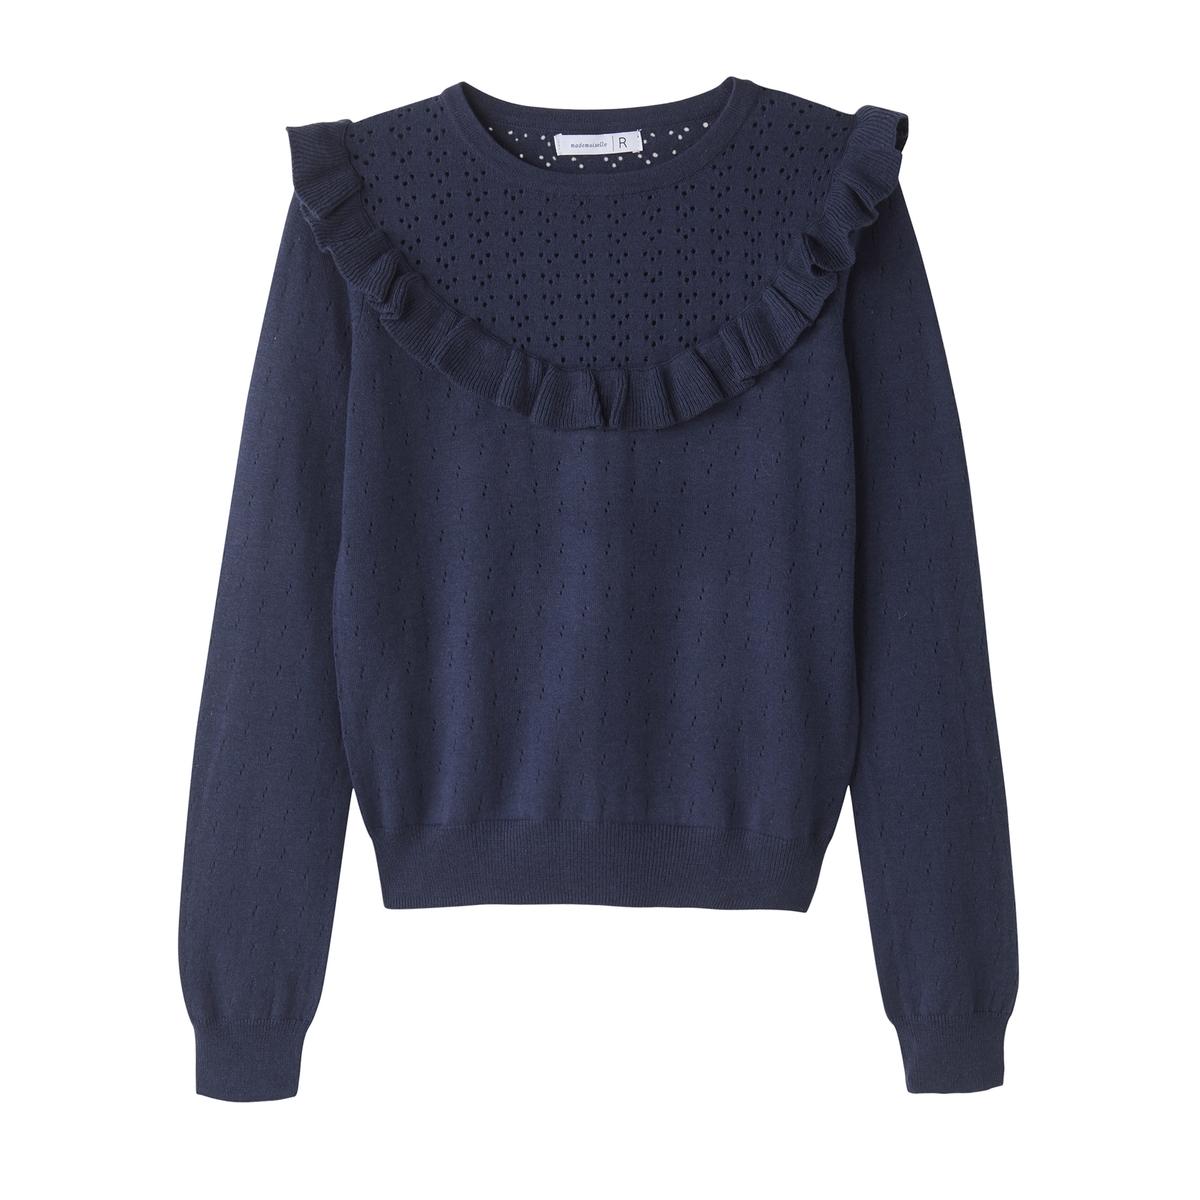 Пуловер ажурный, с воланами из вискозы